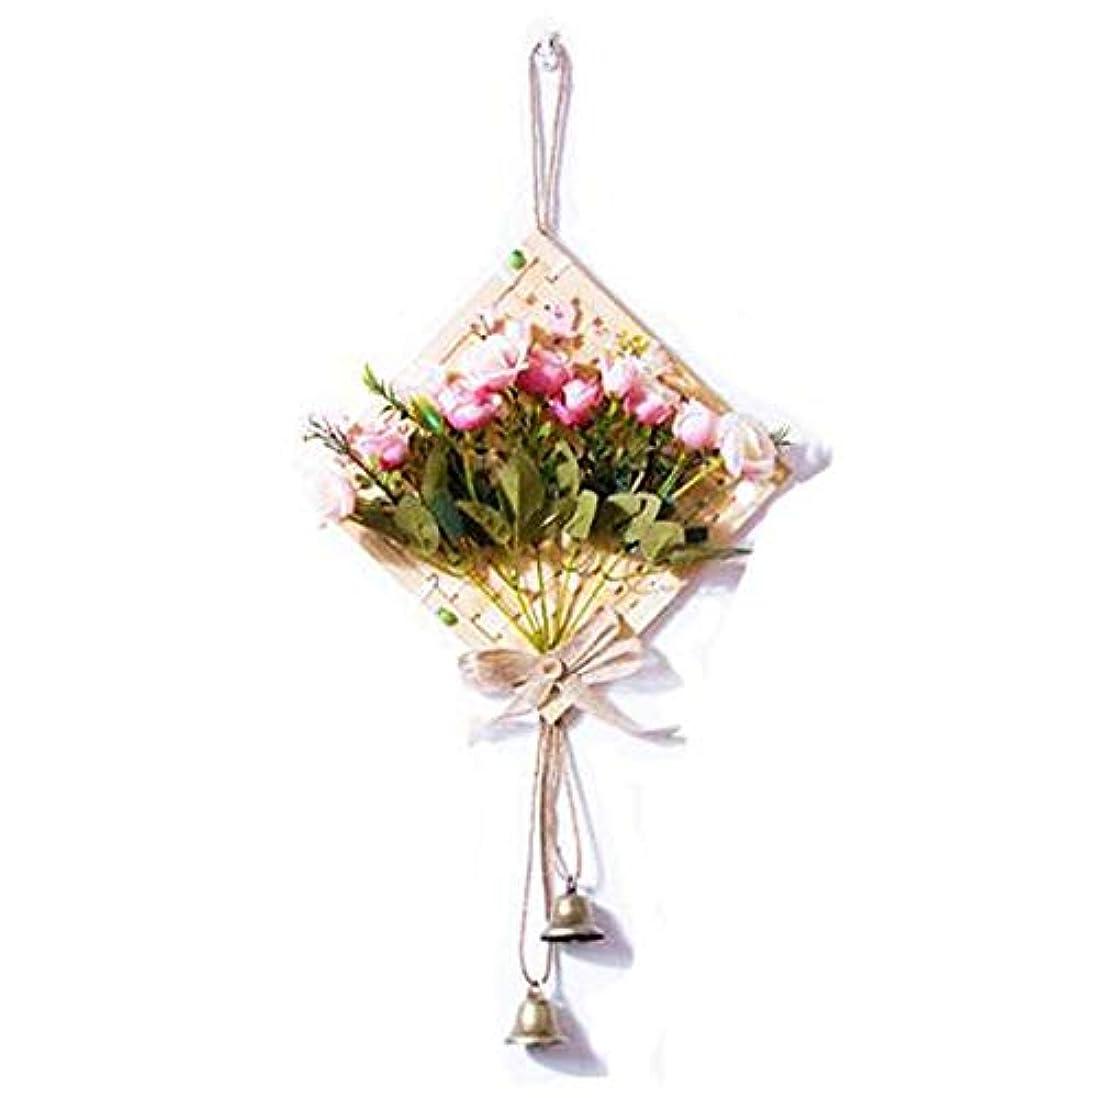 改革顕著マトリックスHongyushanghang 風チャイム、クリエイティブ?竹風チャイム、白、幅28.5cmくらい,、ジュエリークリエイティブホリデーギフトを掛ける (Color : Pink)